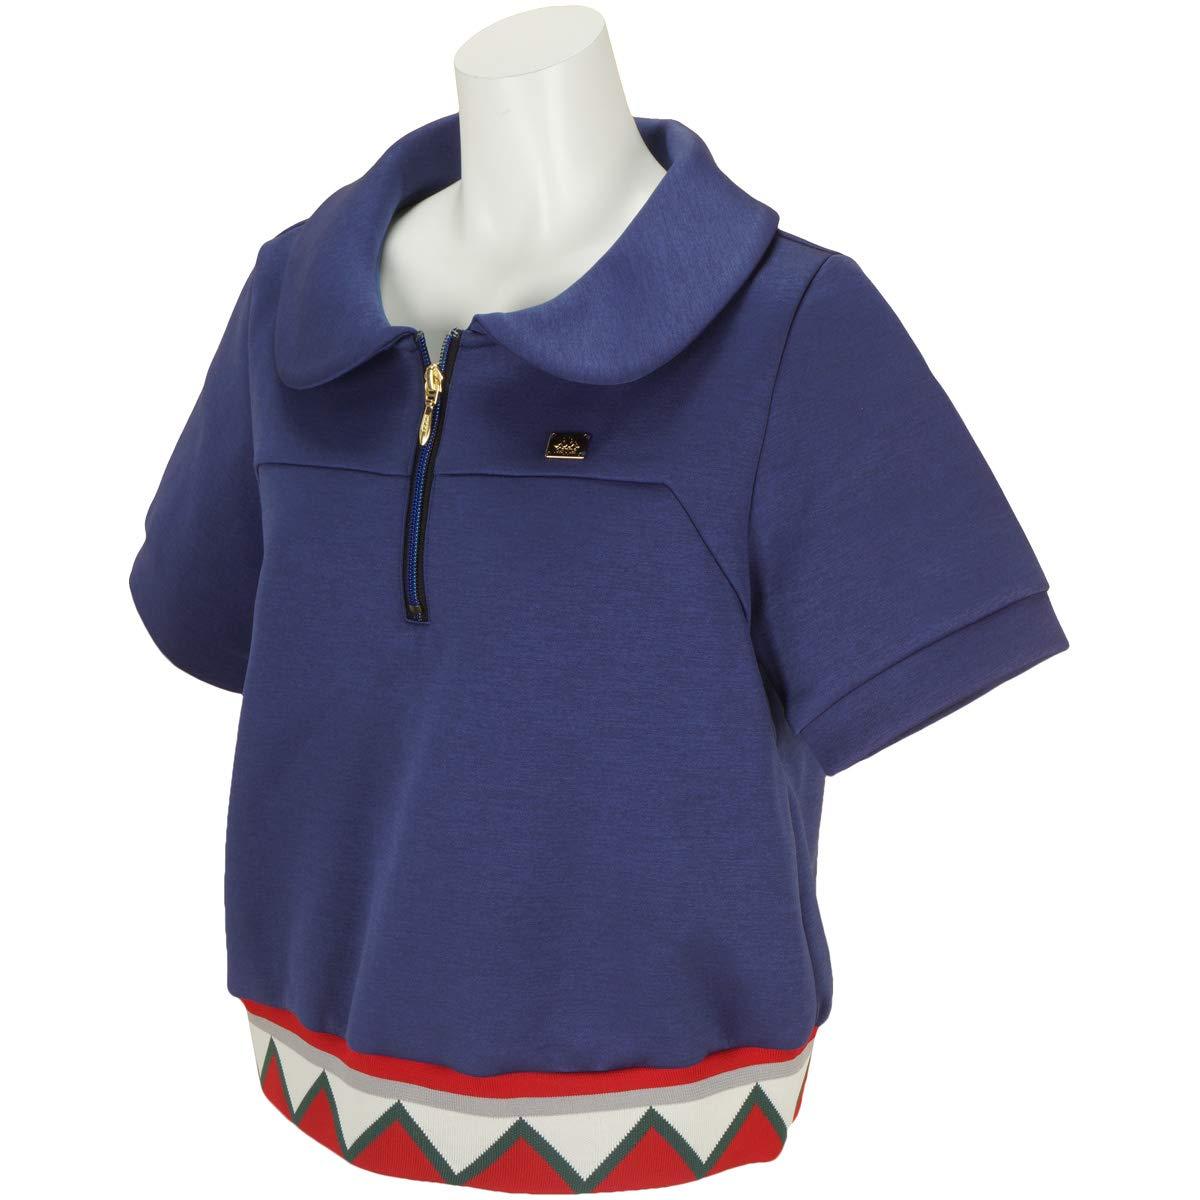 カッパ Kappa 中間着(セーター、トレーナー) Kappa G 裾ジャガードリブ半袖プルオーバー レディス M ネイビー B07RW9SVLW